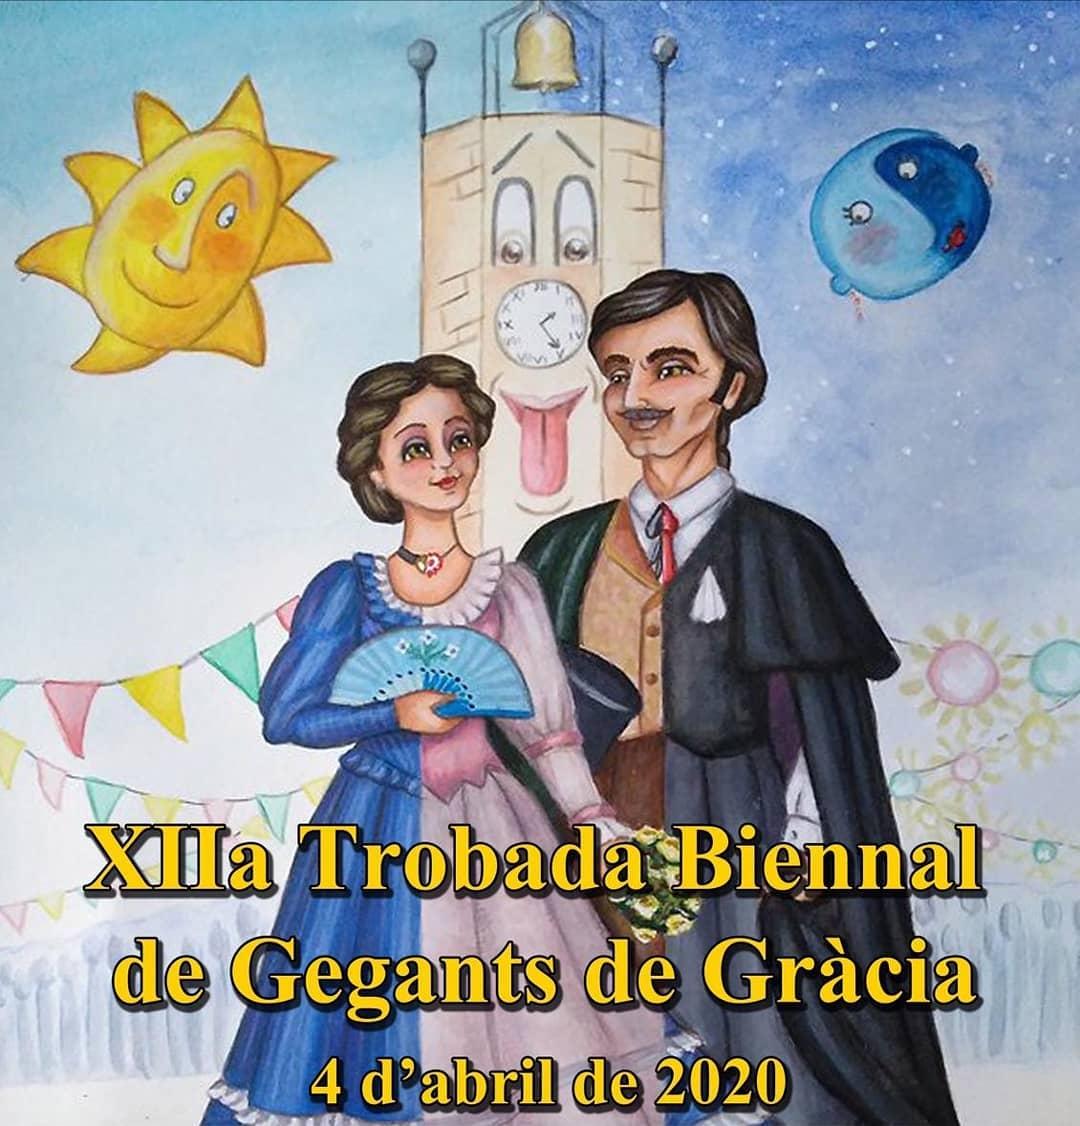 XIIa Trobada Biennal de Gegants de Gràcia